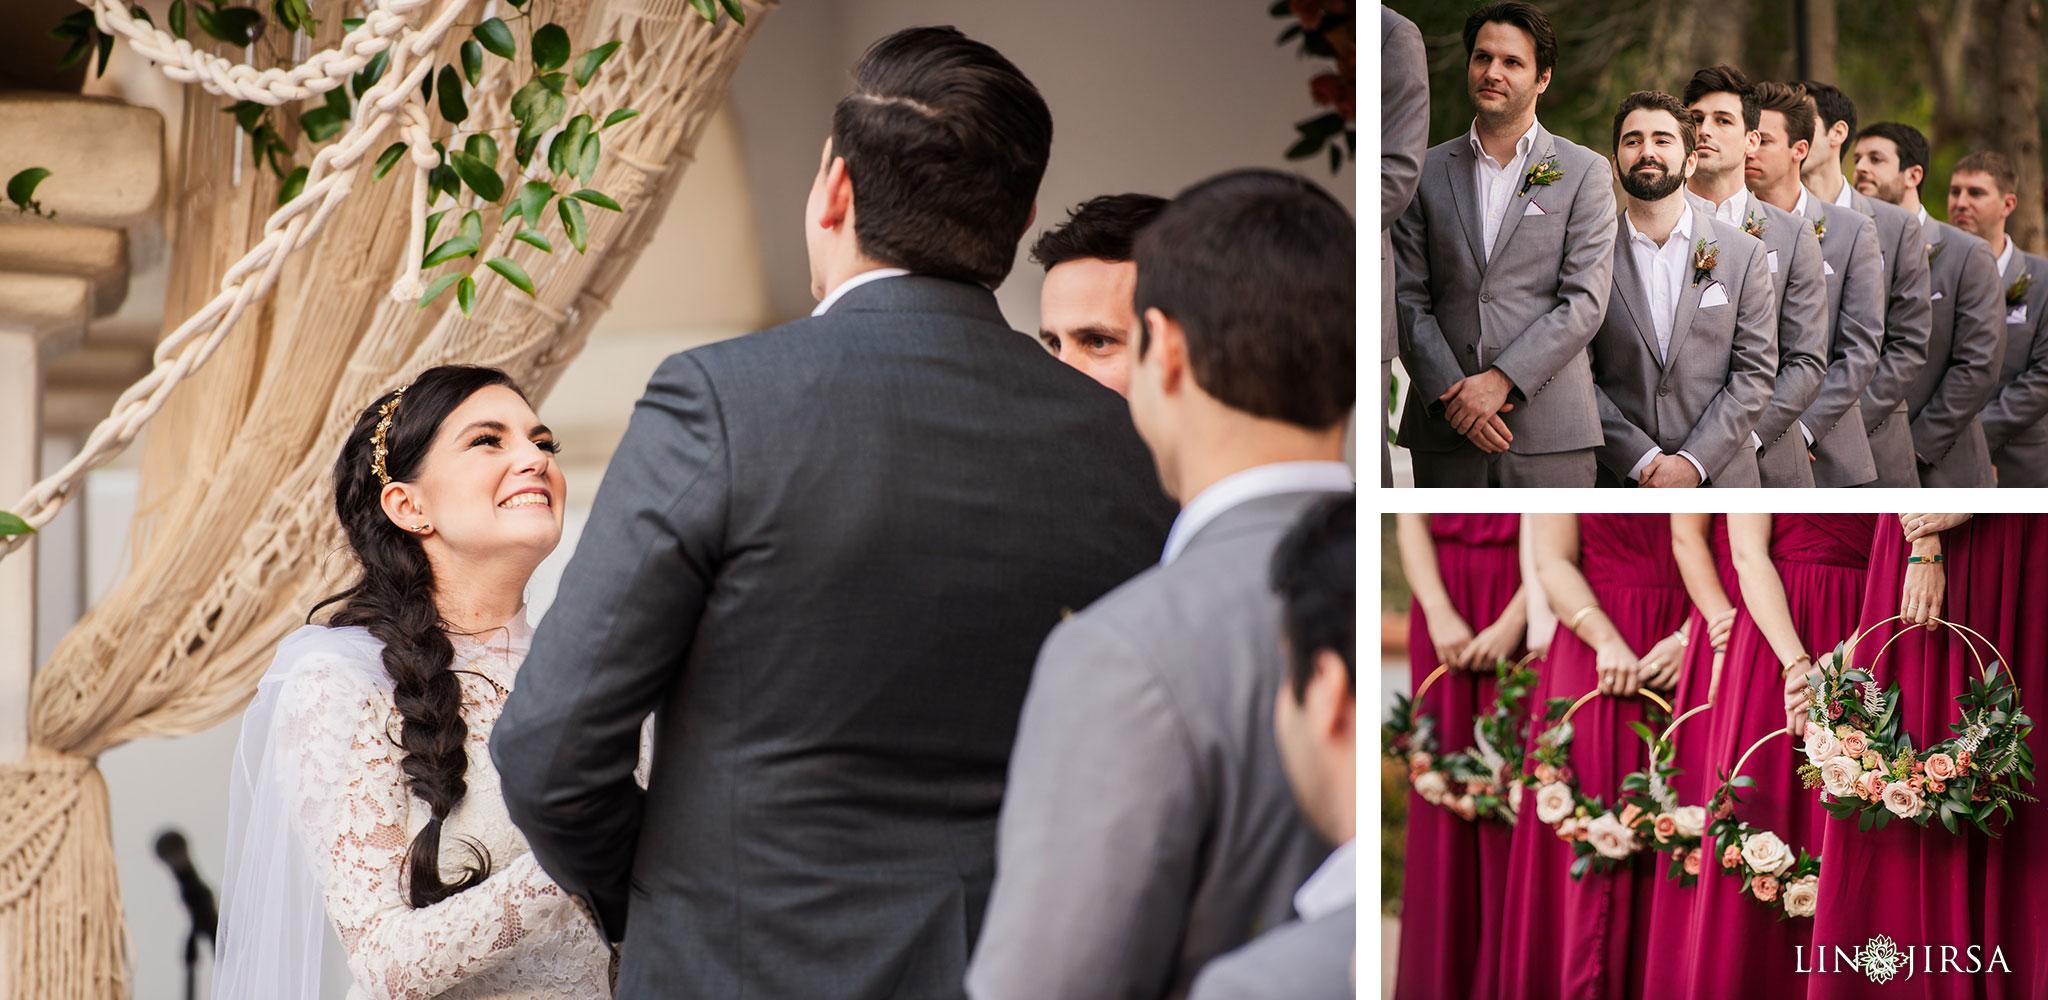 28 Rancho Las Lomas Silverado Wedding Photography